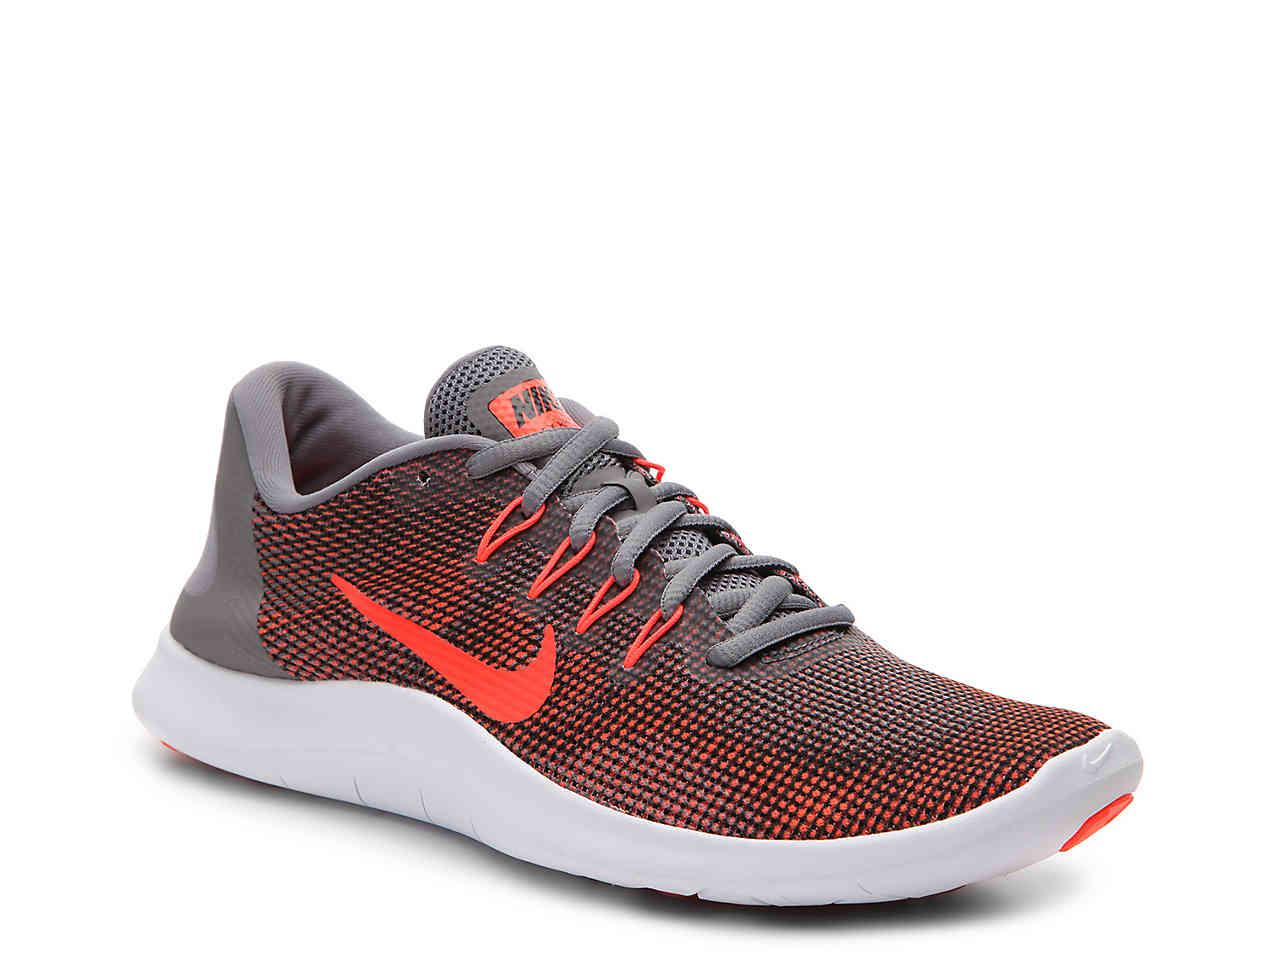 d00c97220 ... where to buy lyst nike flex lightweight 2018 rn sneaker in gray for men  c38b3 6bd1e